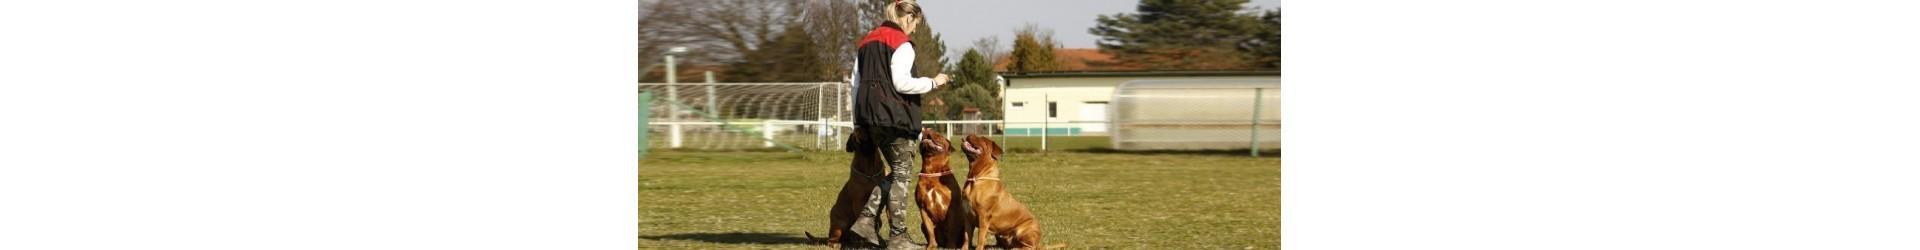 Educación y entrenamiento